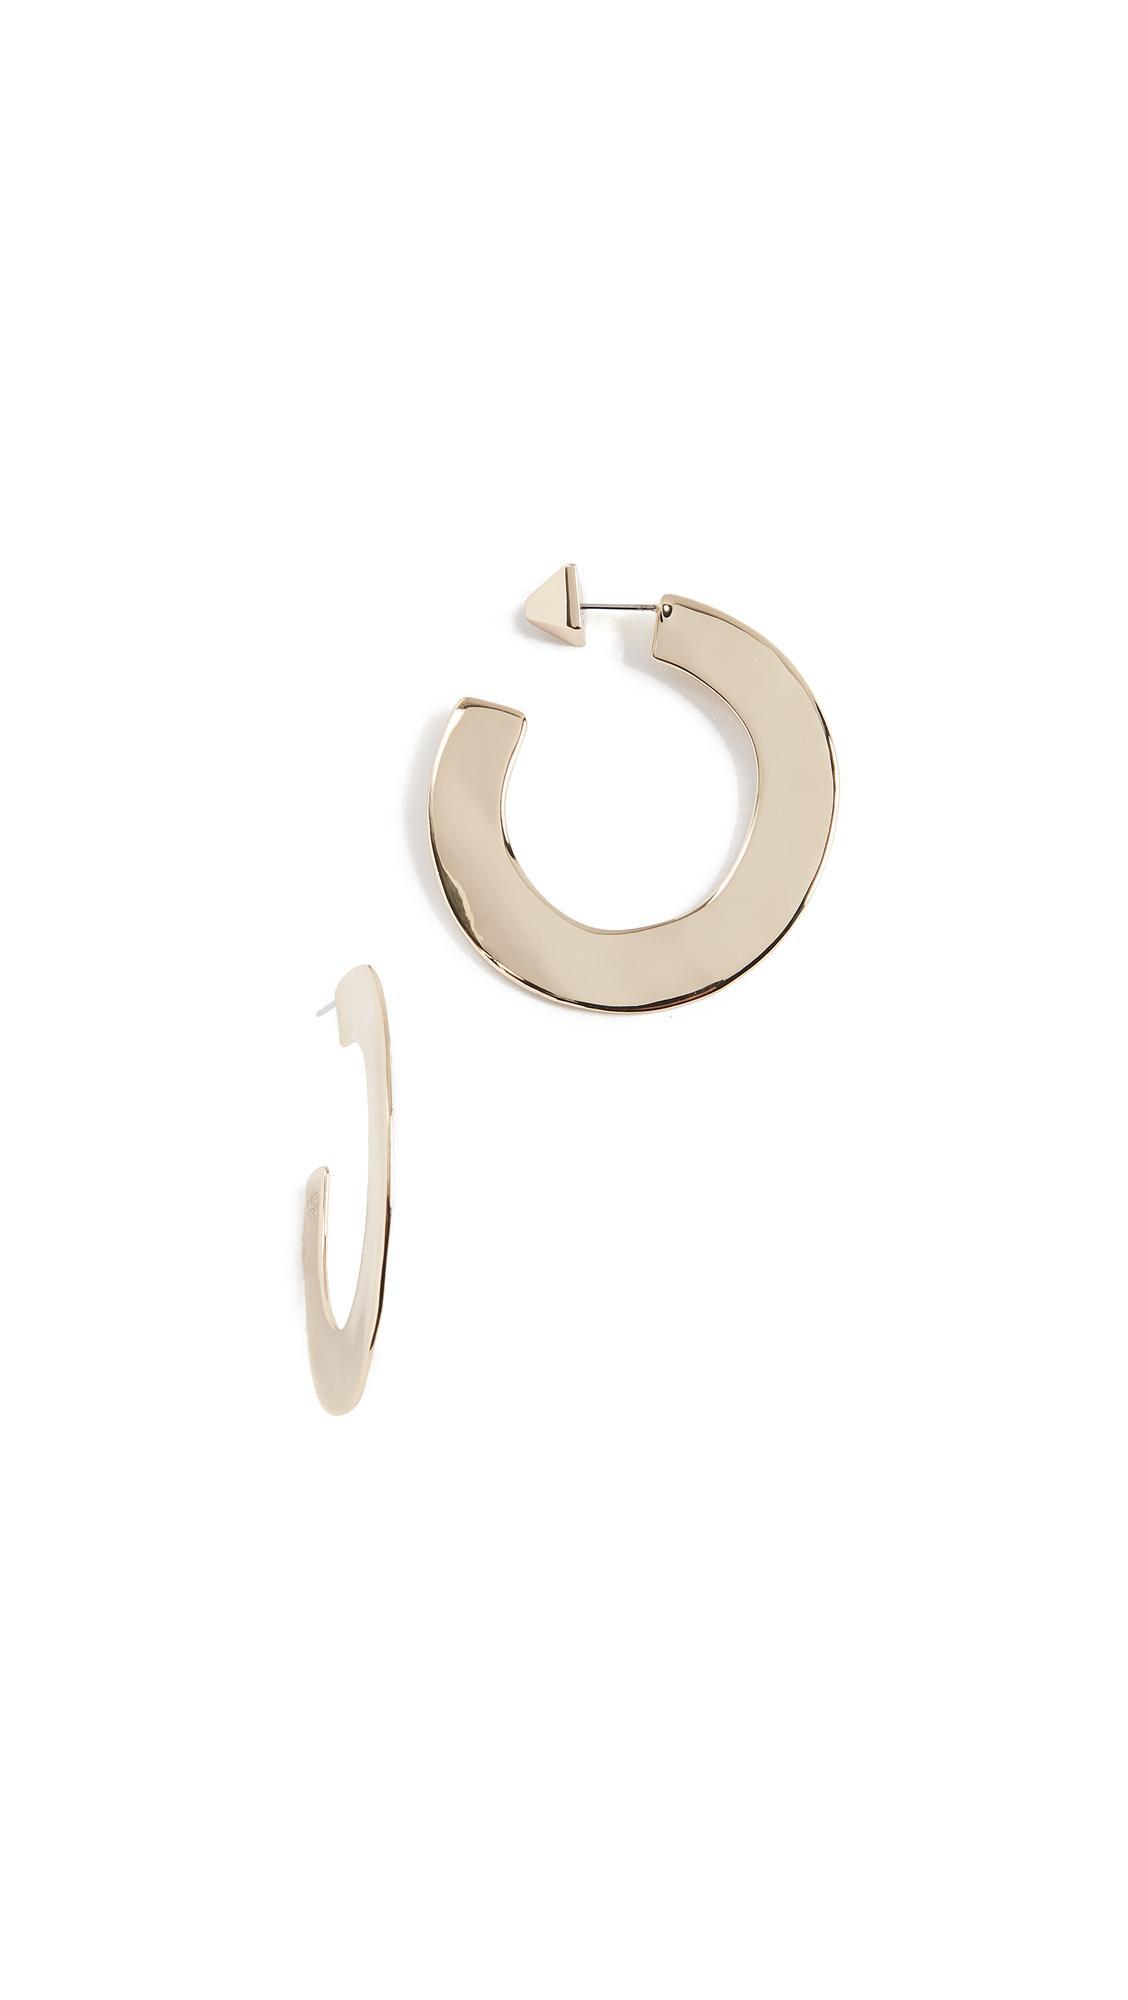 Alexis Bittar Enlarged Liquid Metal Orbit Hoop Earrings oEFLnJp